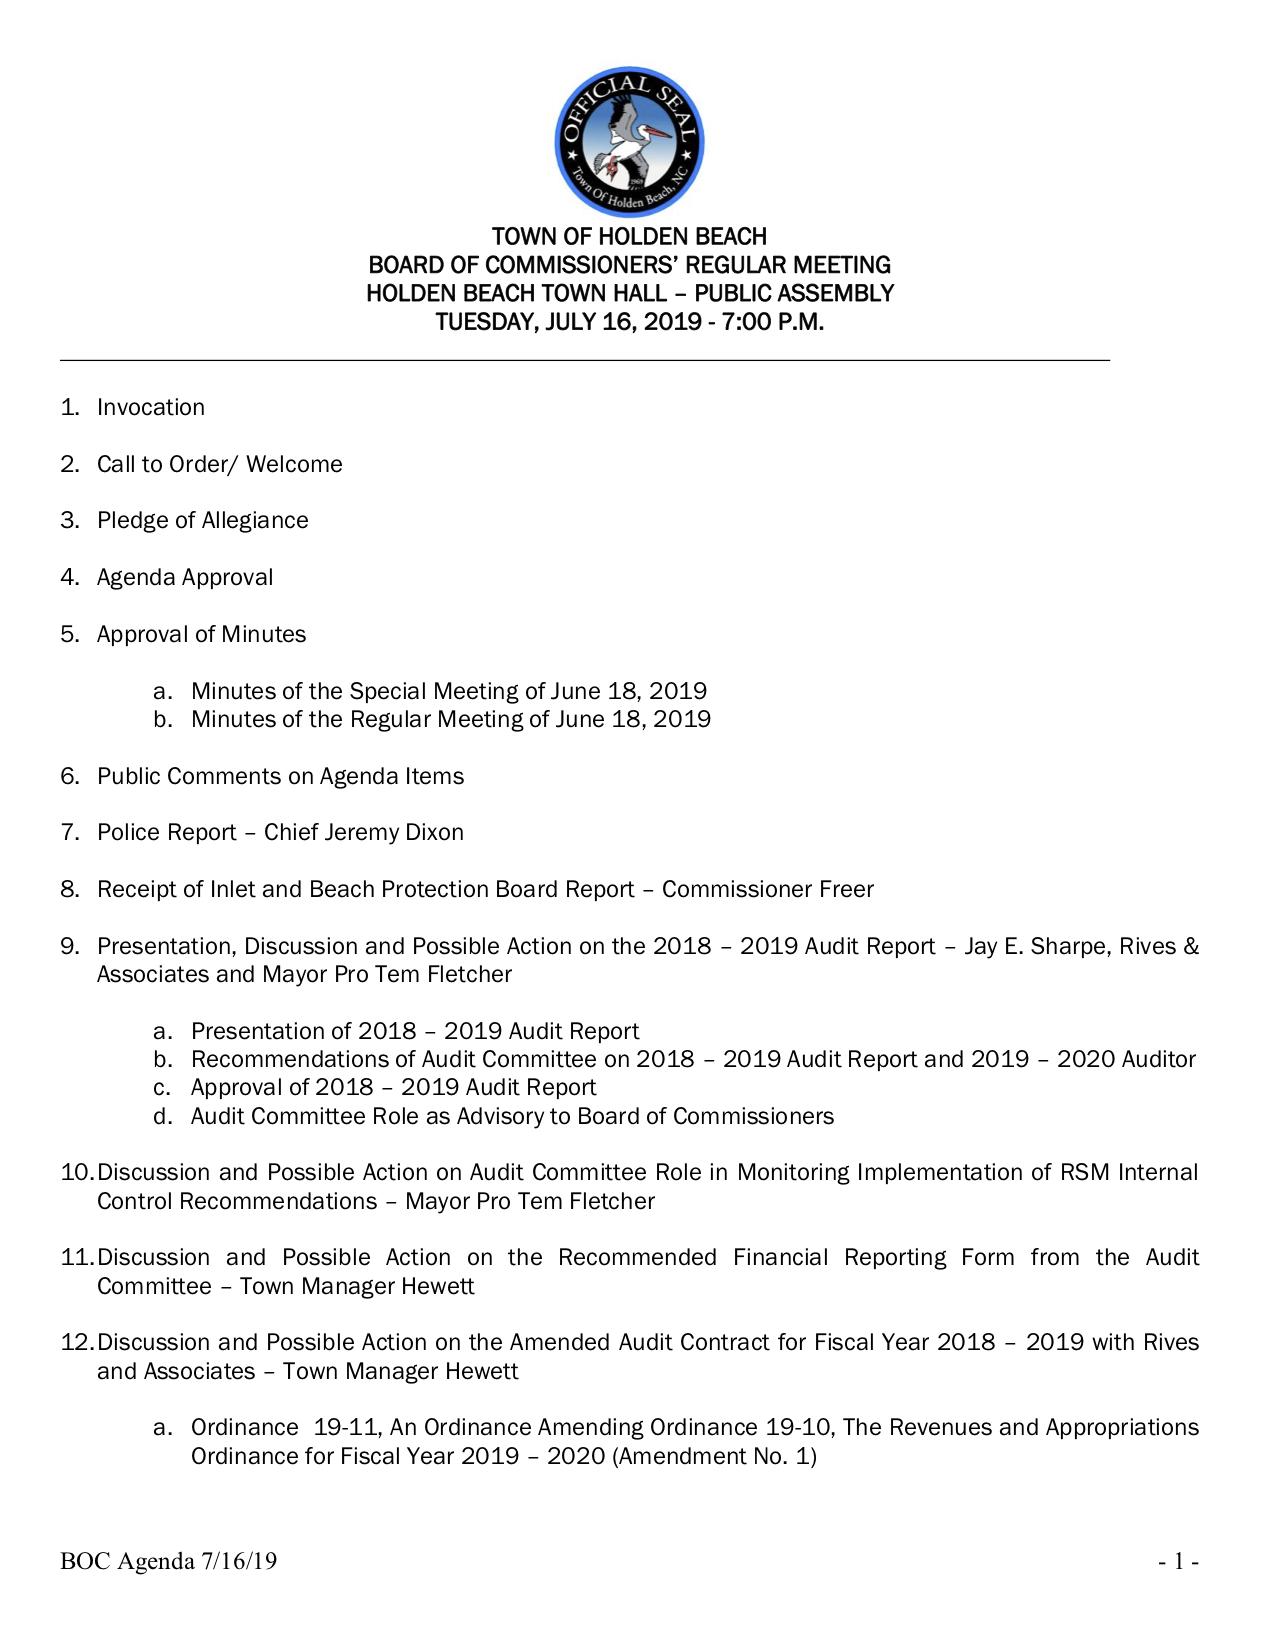 BOC Agenda 7-19